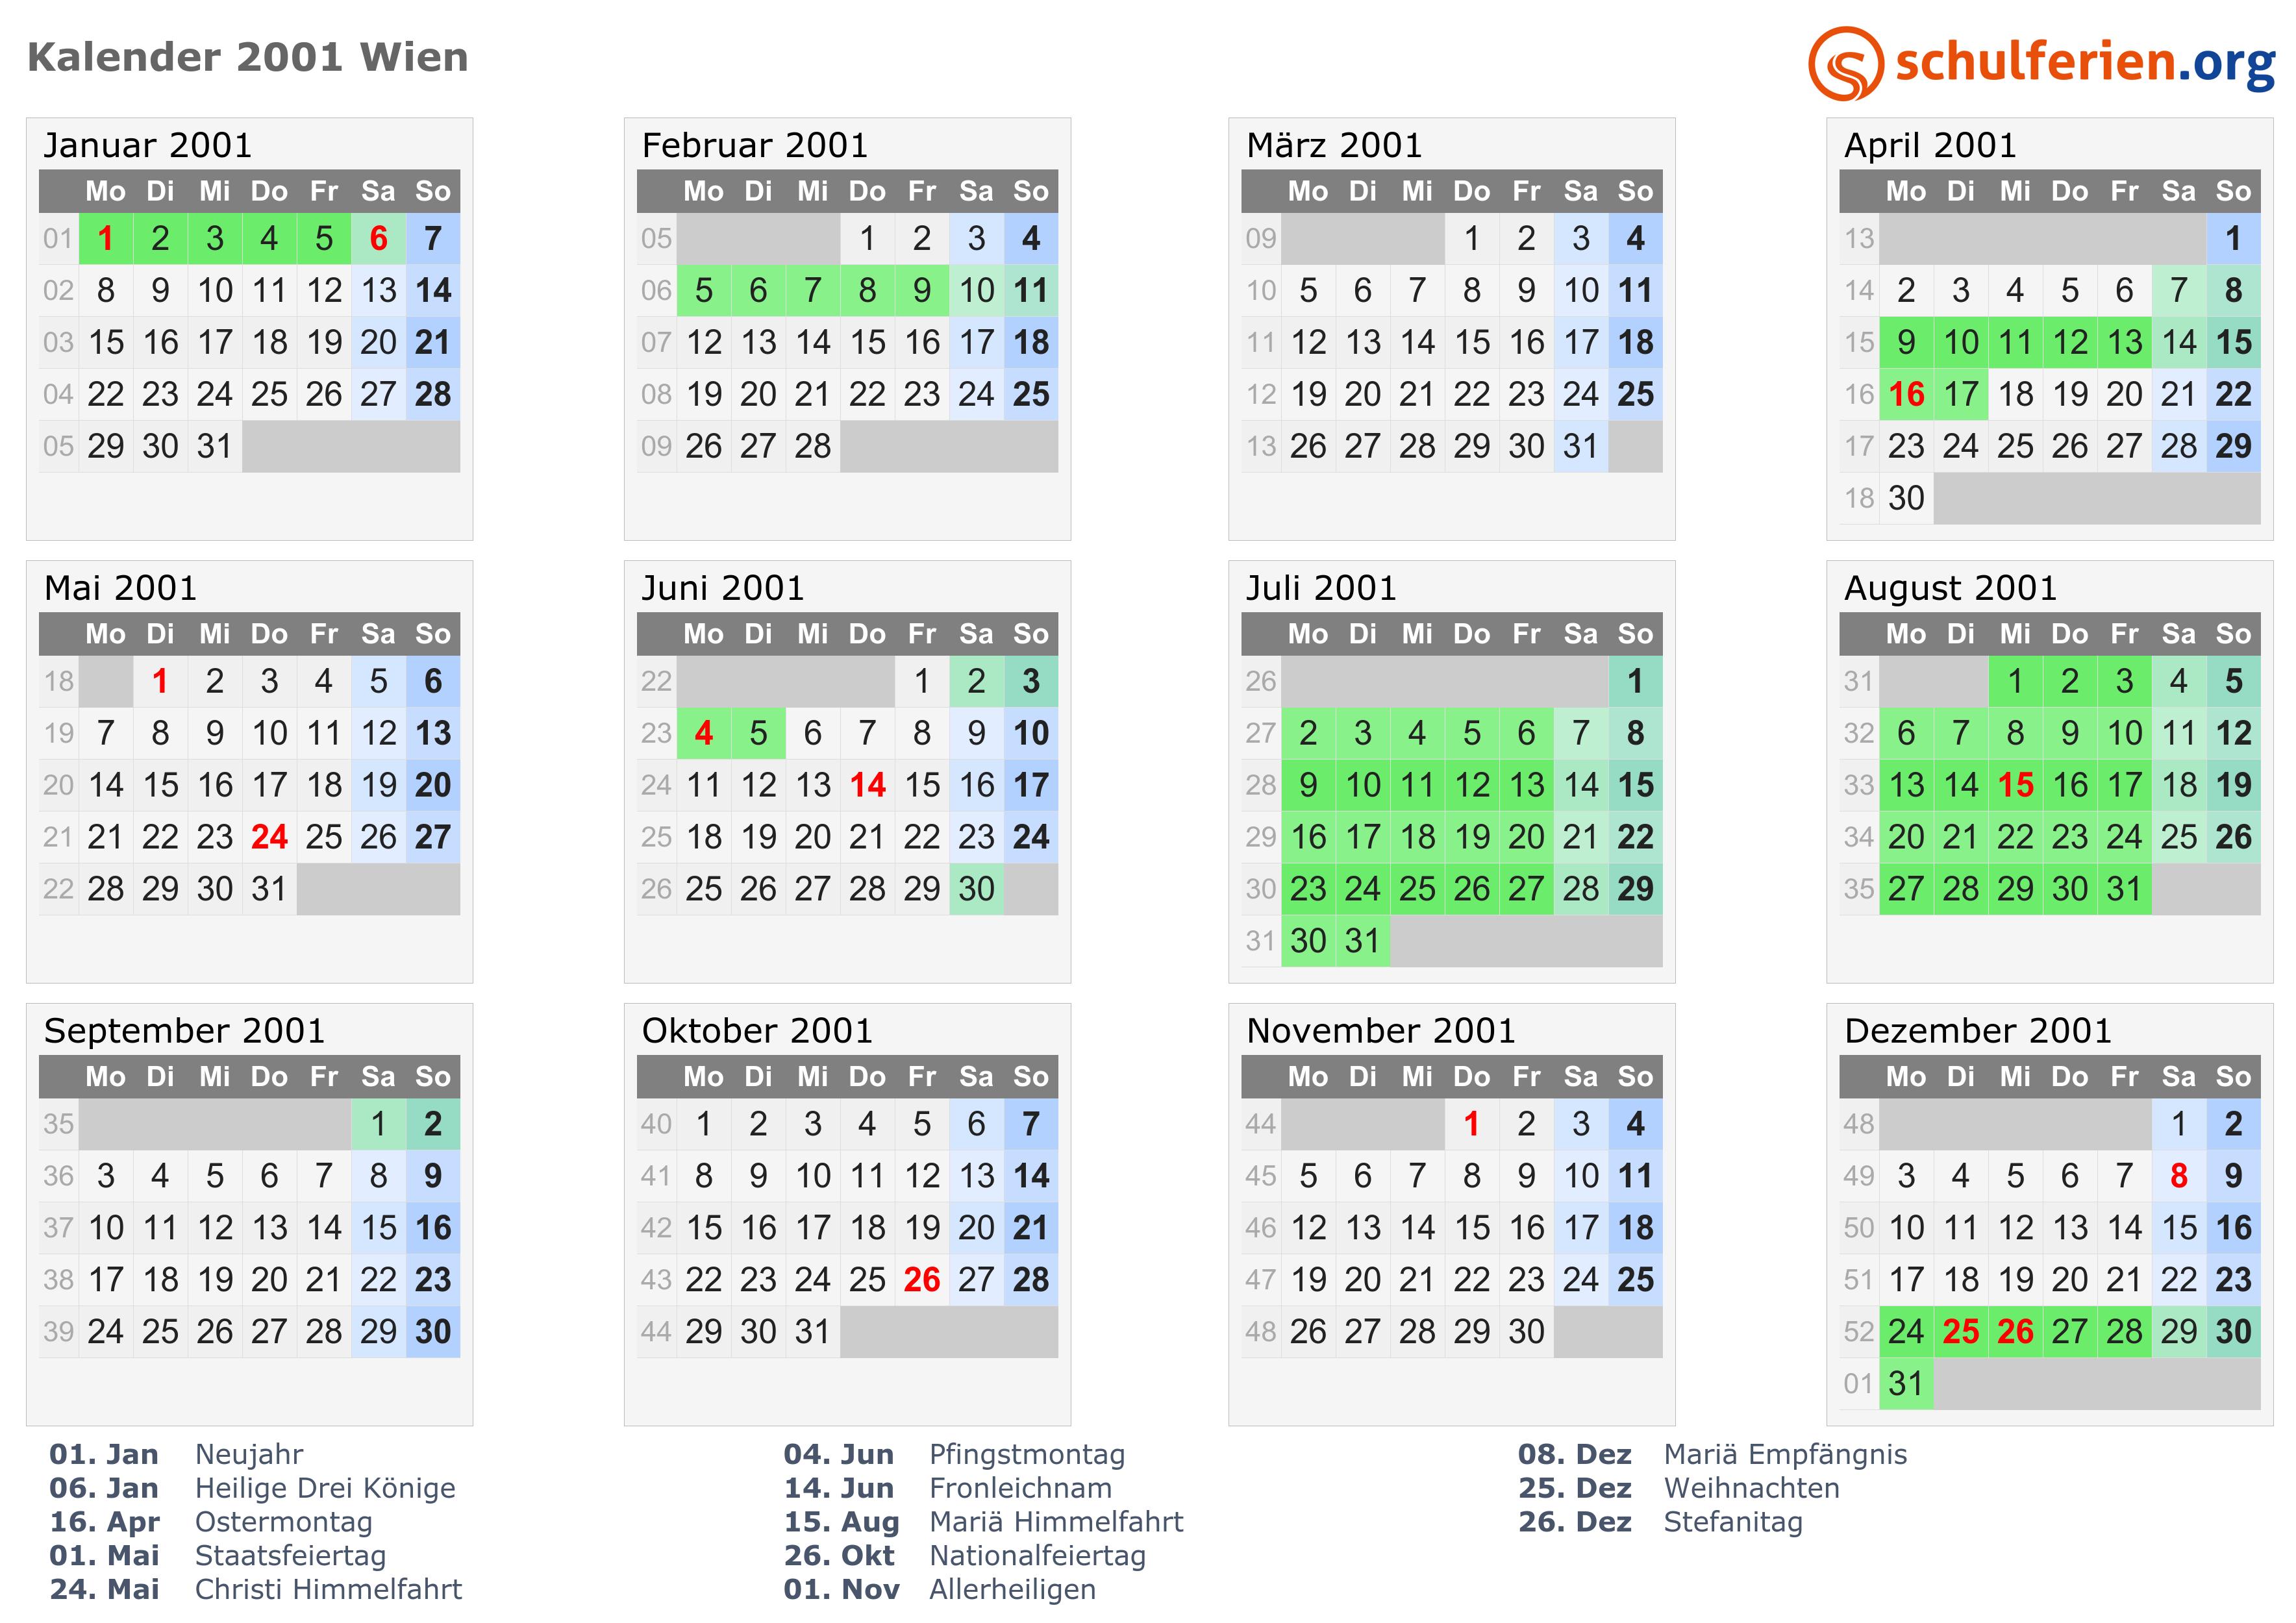 Kalender 2001 Wien